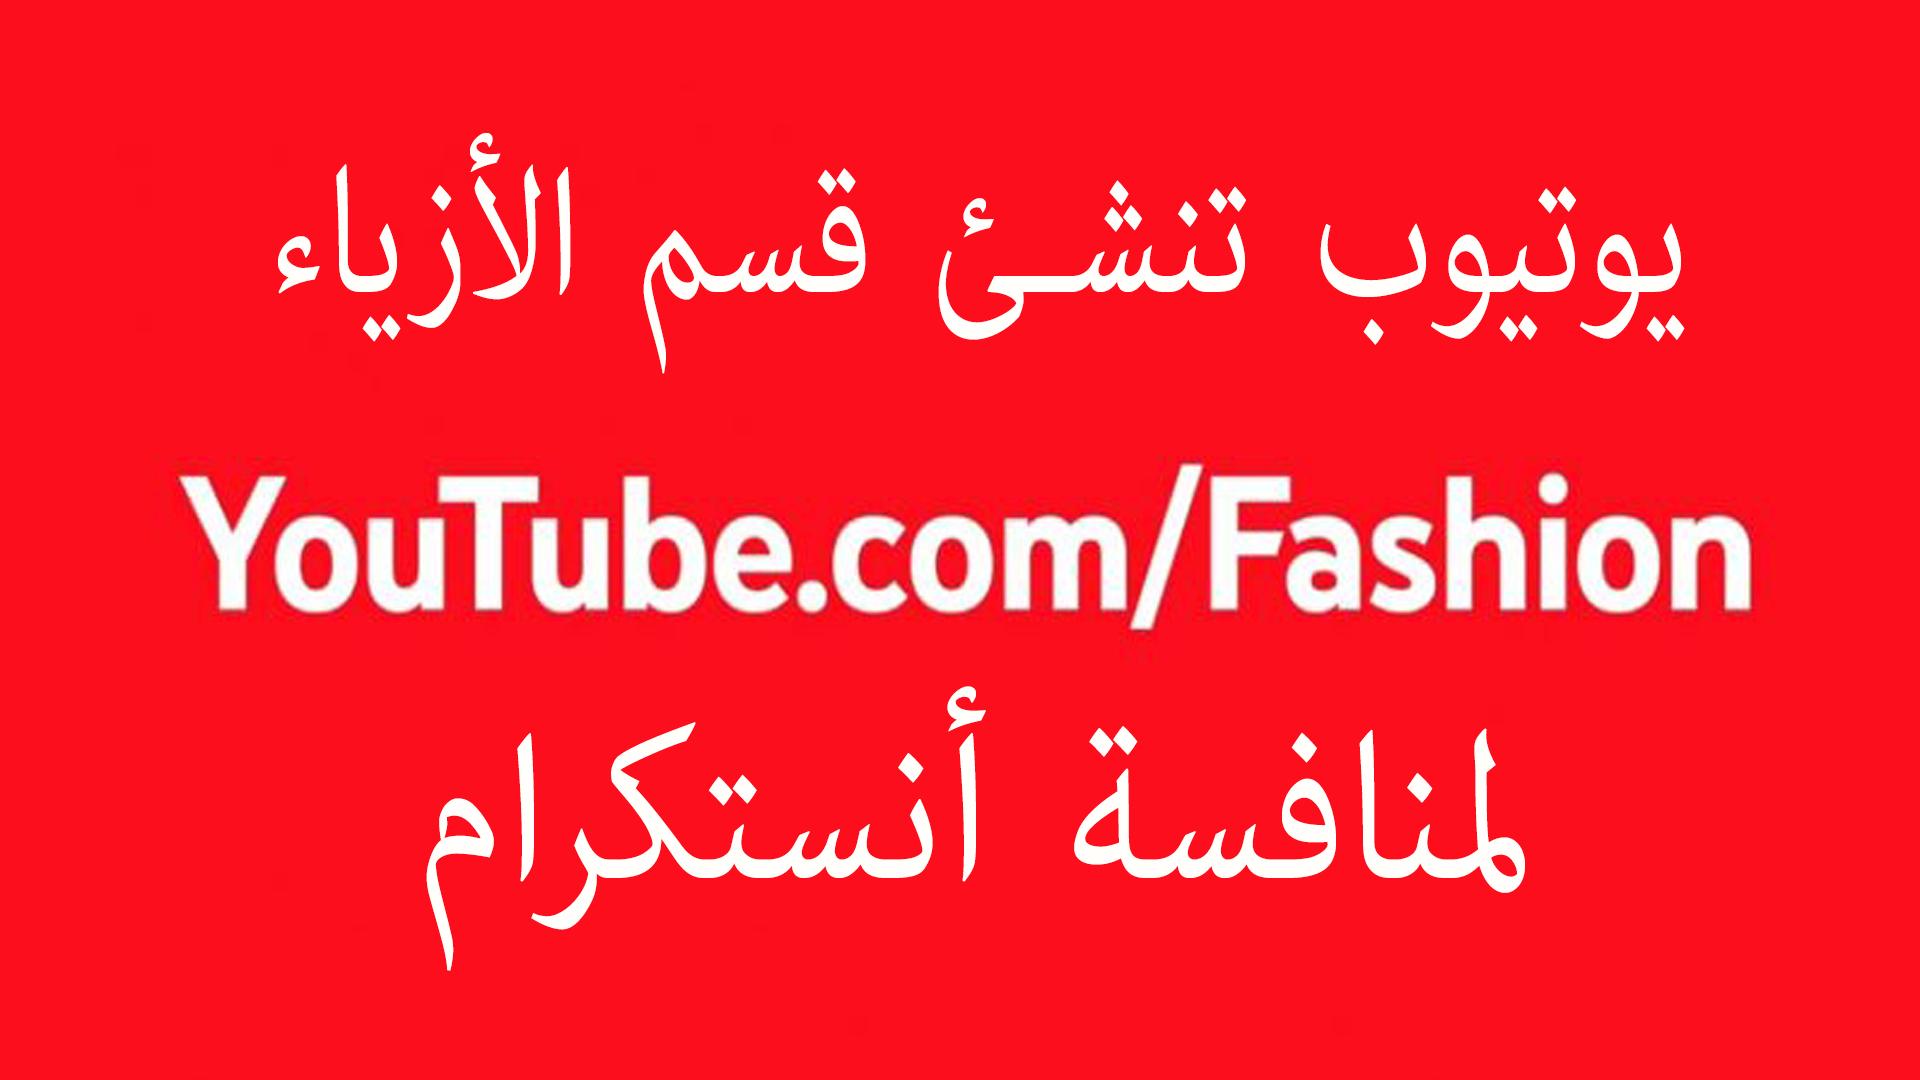 بالفيديو : YouTude تنشئ قسم خاص بالأزياء والمكياج لمنافسة Instagram